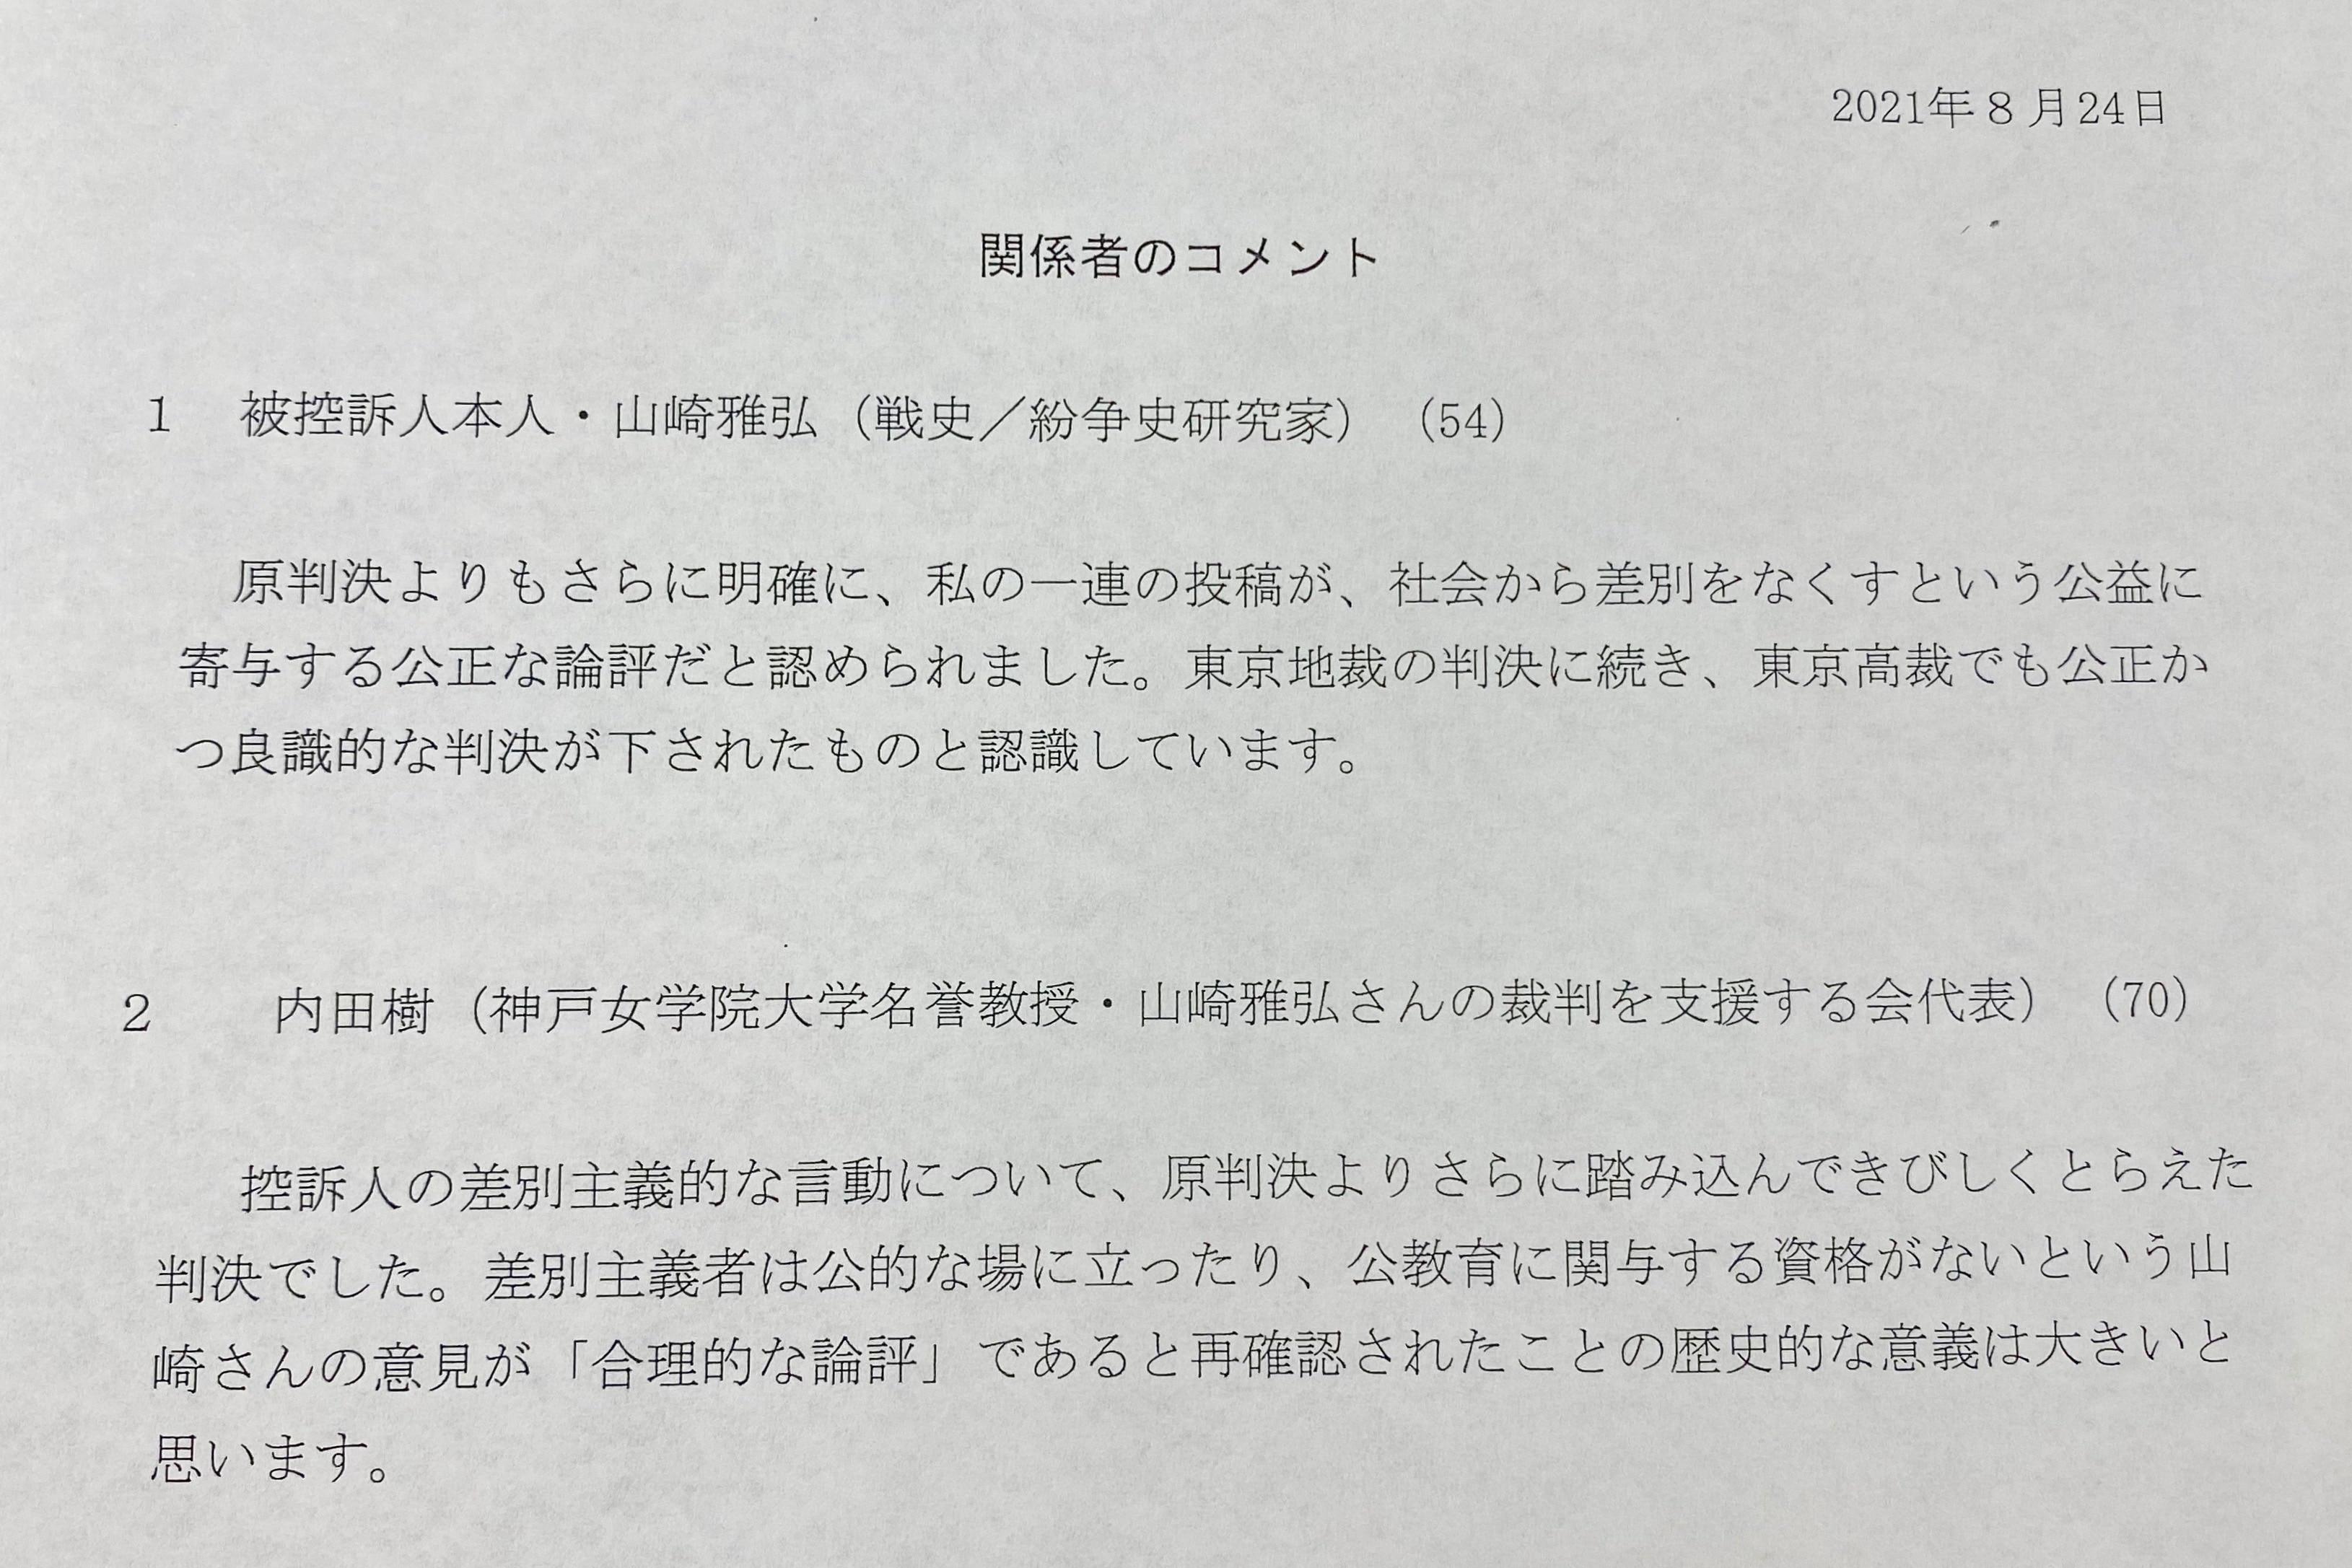 山崎さんと内田樹さんのコメント